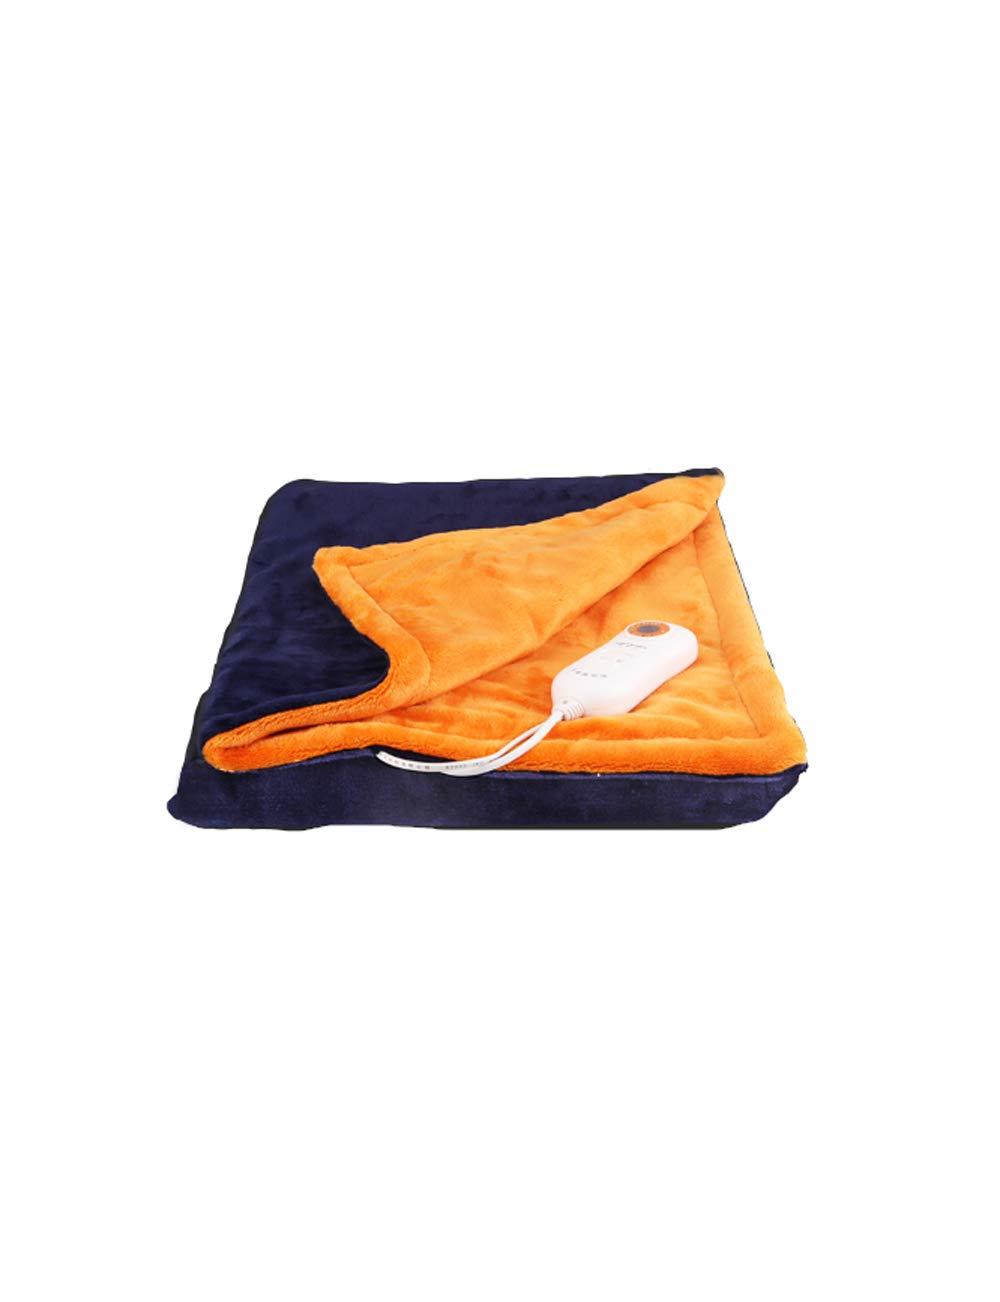 電気毛布シングル、多目的ウォームアップブランケット、温度設定の9種類、暖かく、癒し、操作しやすい、安全な洗える、ブルーオレンジ、ピンクグレイのドット、150 * 80センチメートル (色 : Orange blue, サイズ さいず : 150 * 80cm) B07JW9YF9G Orange blue 150*80cm